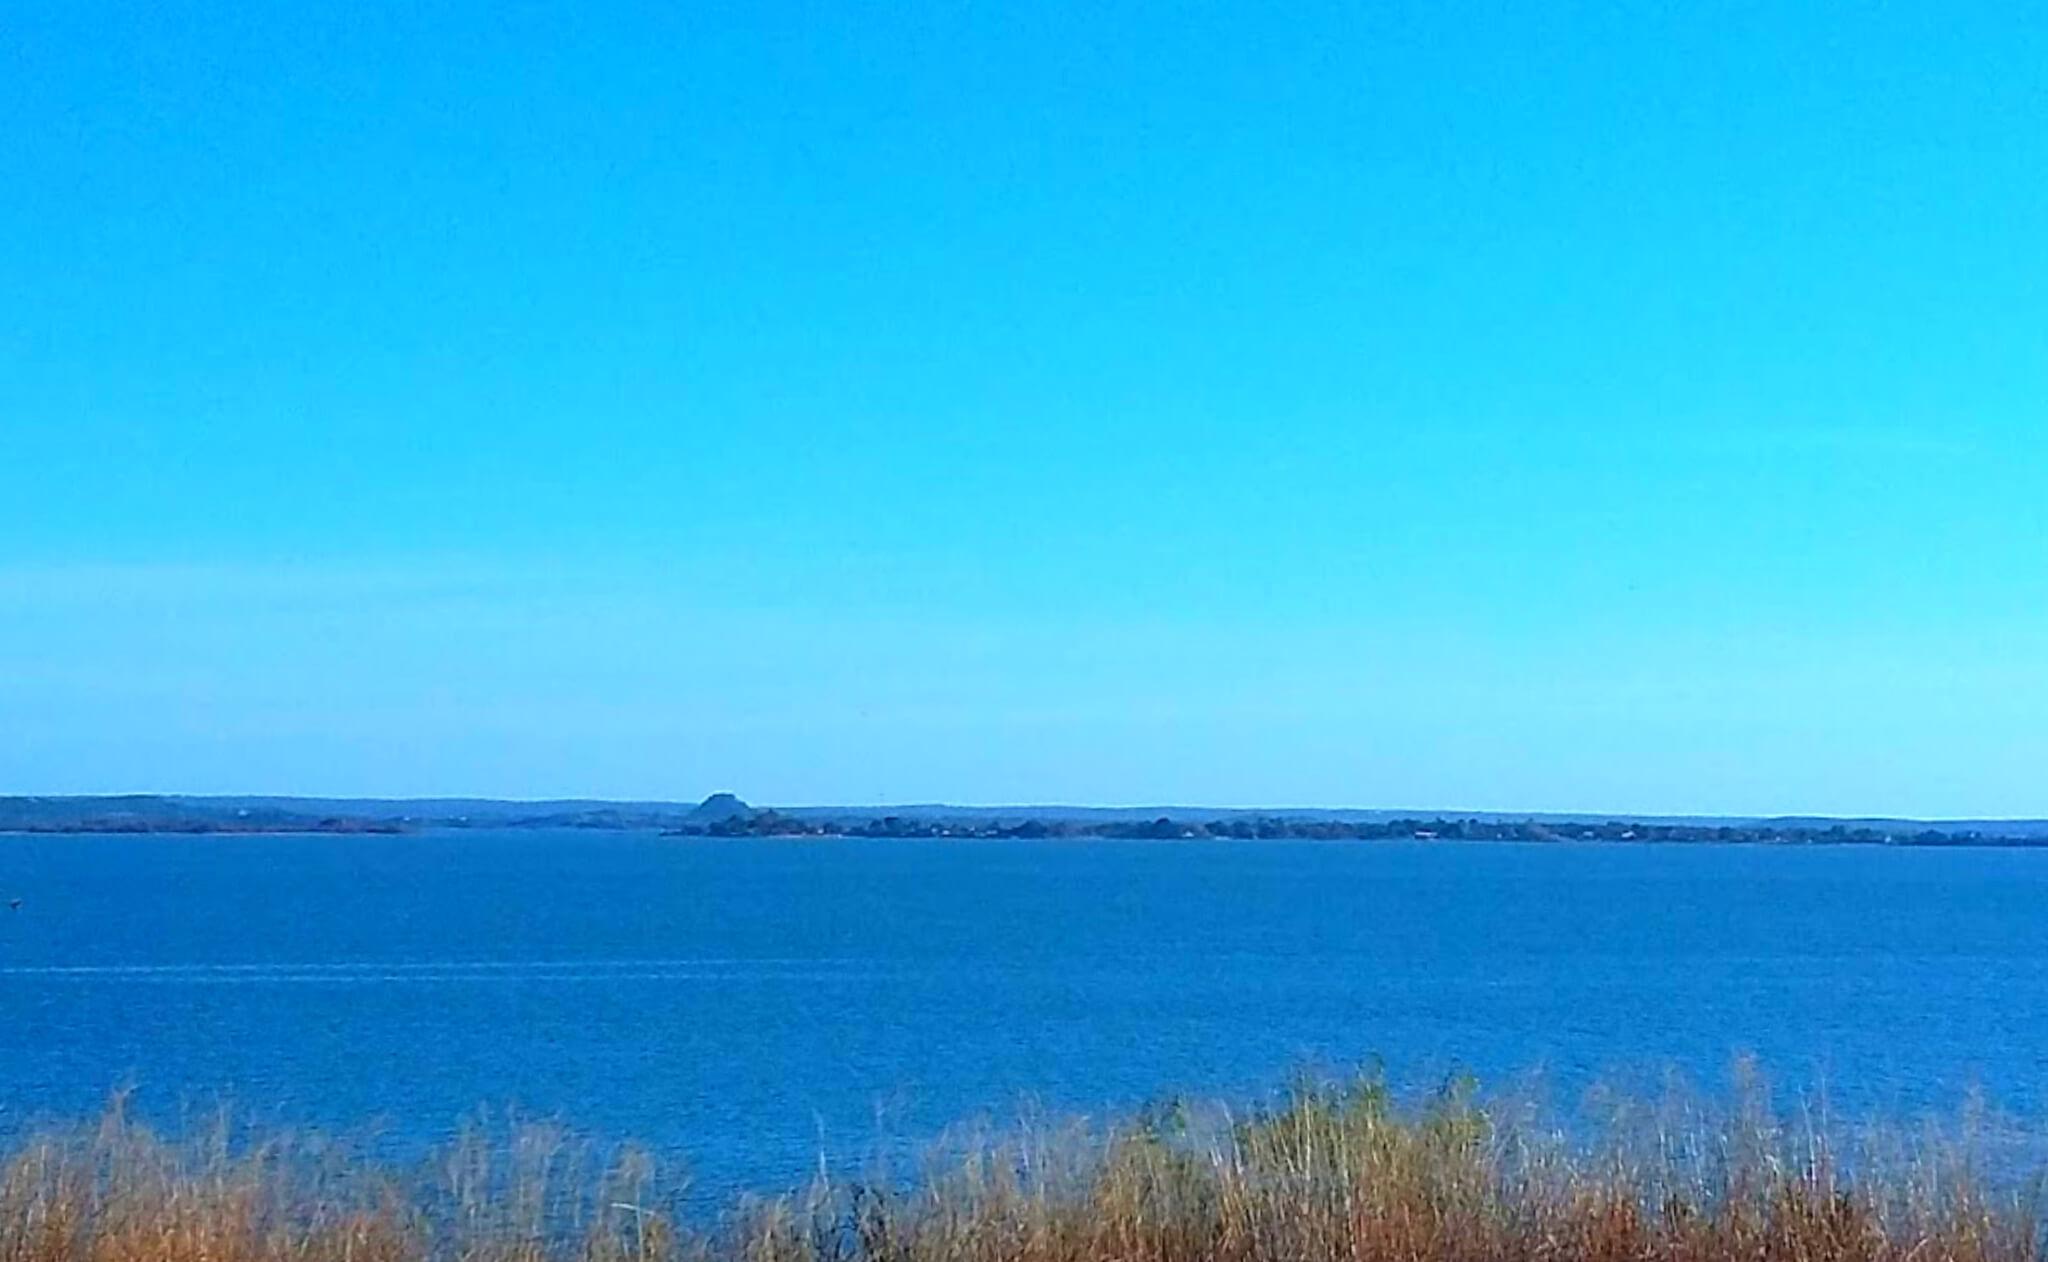 Buchanan-Lake-Fishing-Report-Guide-Texas-TX-04